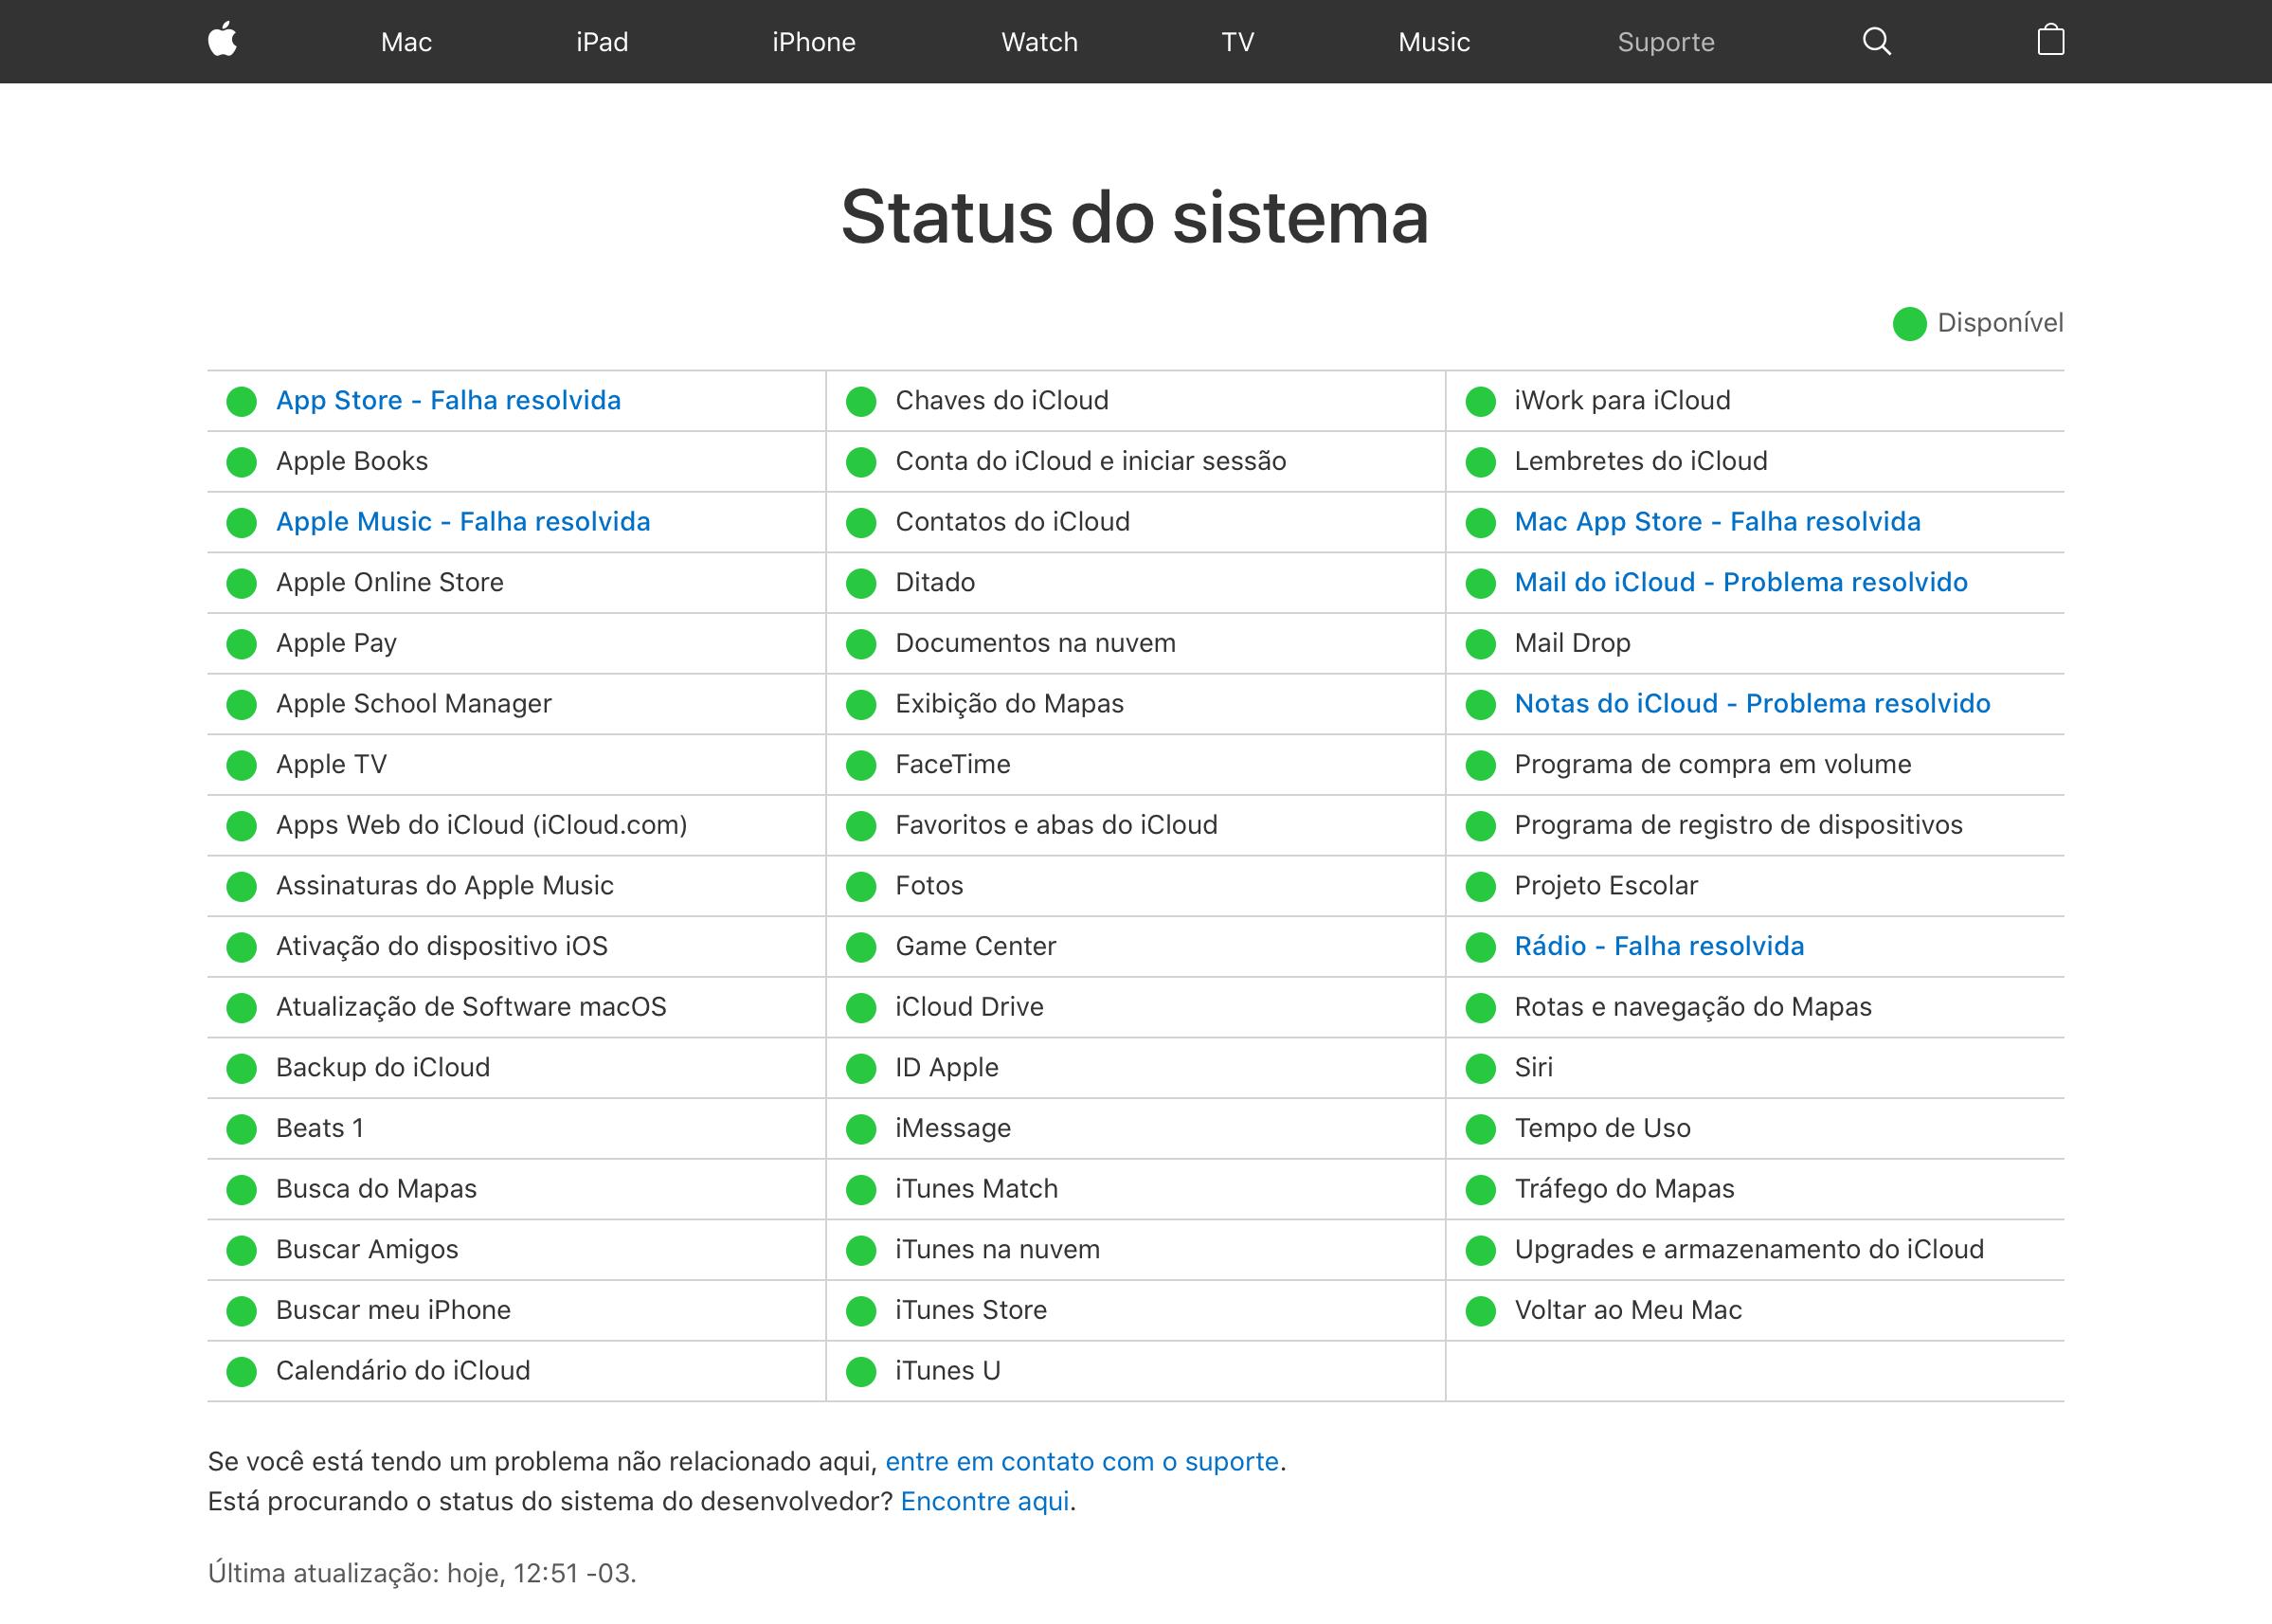 Status do sistema